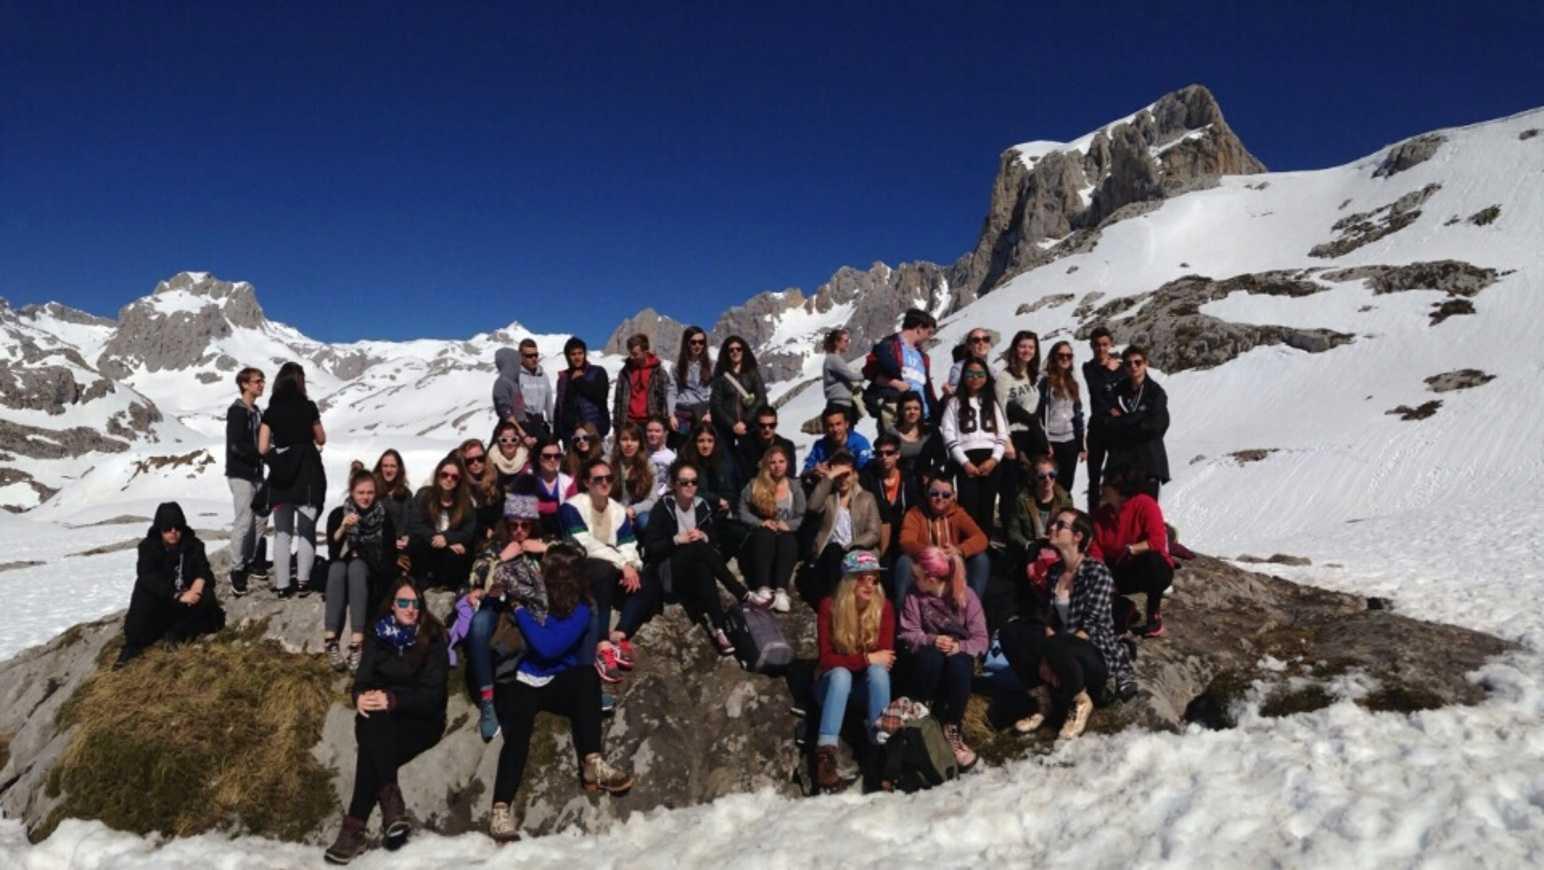 Picos de Europa et Monasterio de Toribio au programme img-20150408-wa0015resized